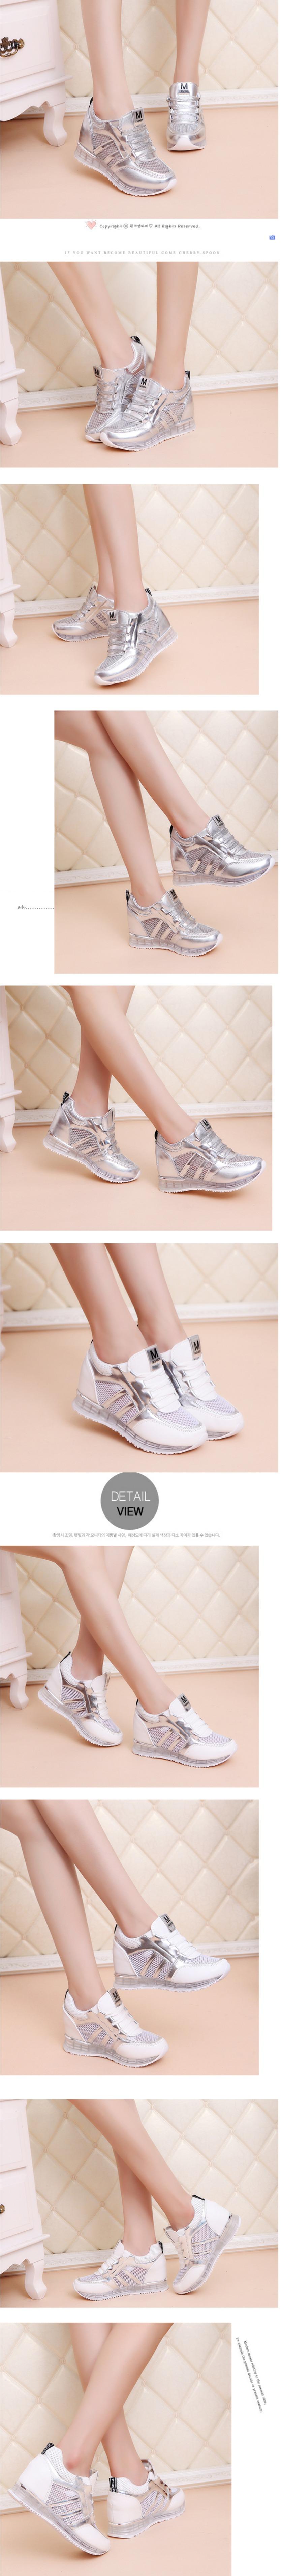 รองเท้าผ้าใบระบายอากาศเสริมสูงด้านใน 8cm